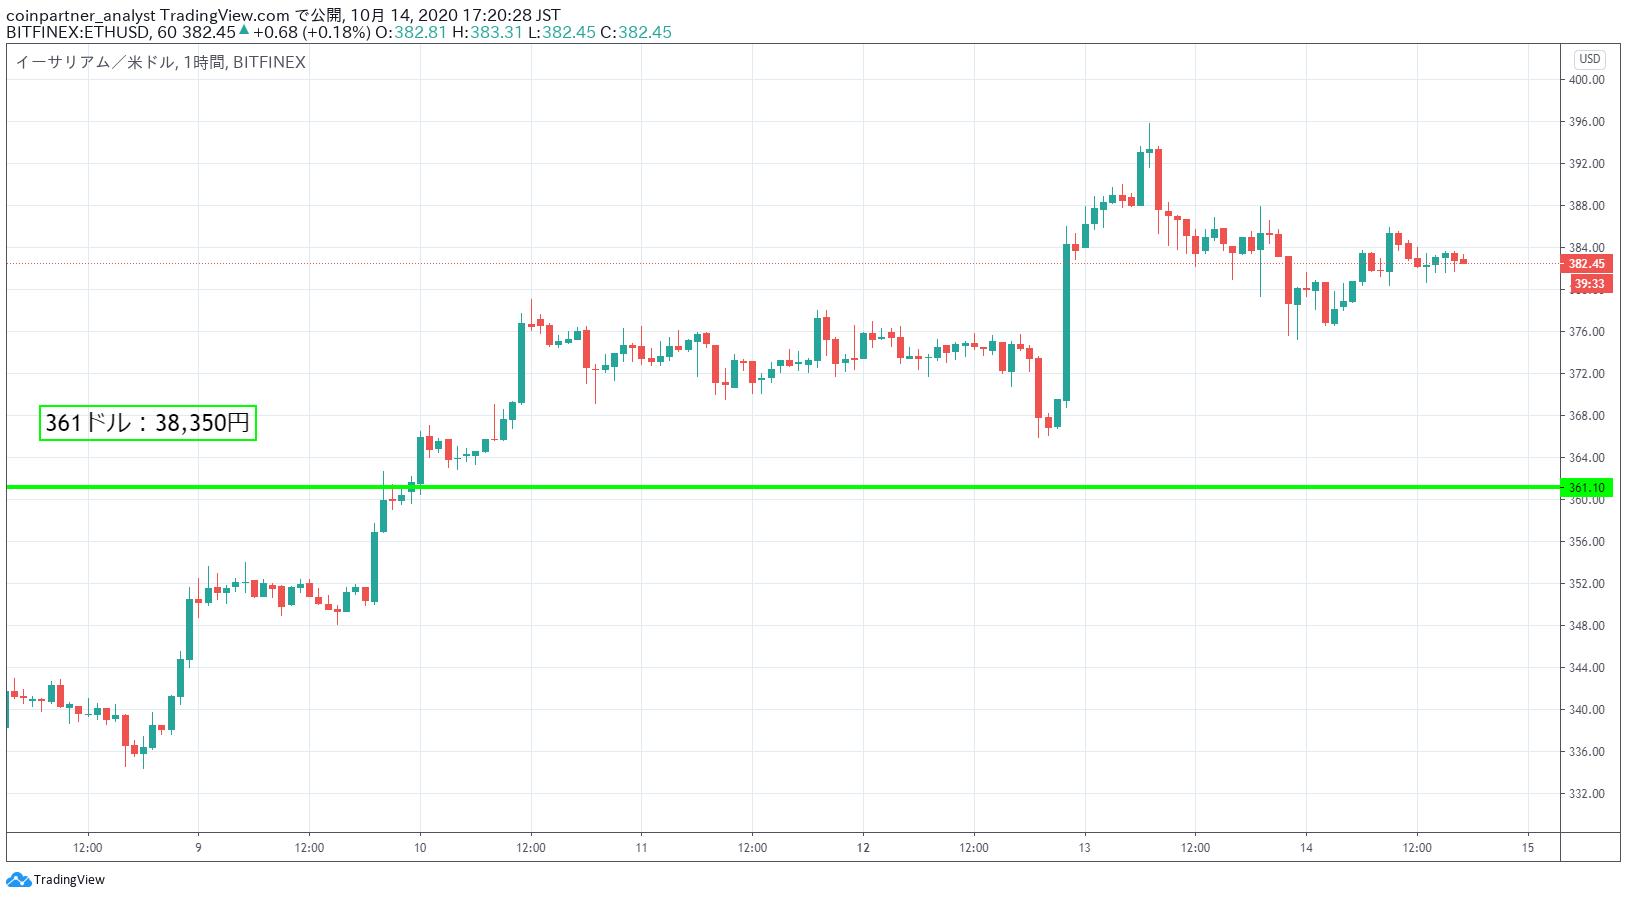 ビットコイン/円(BTC/JPY)リアルタイムレート・チャート|みんなの仮想通貨